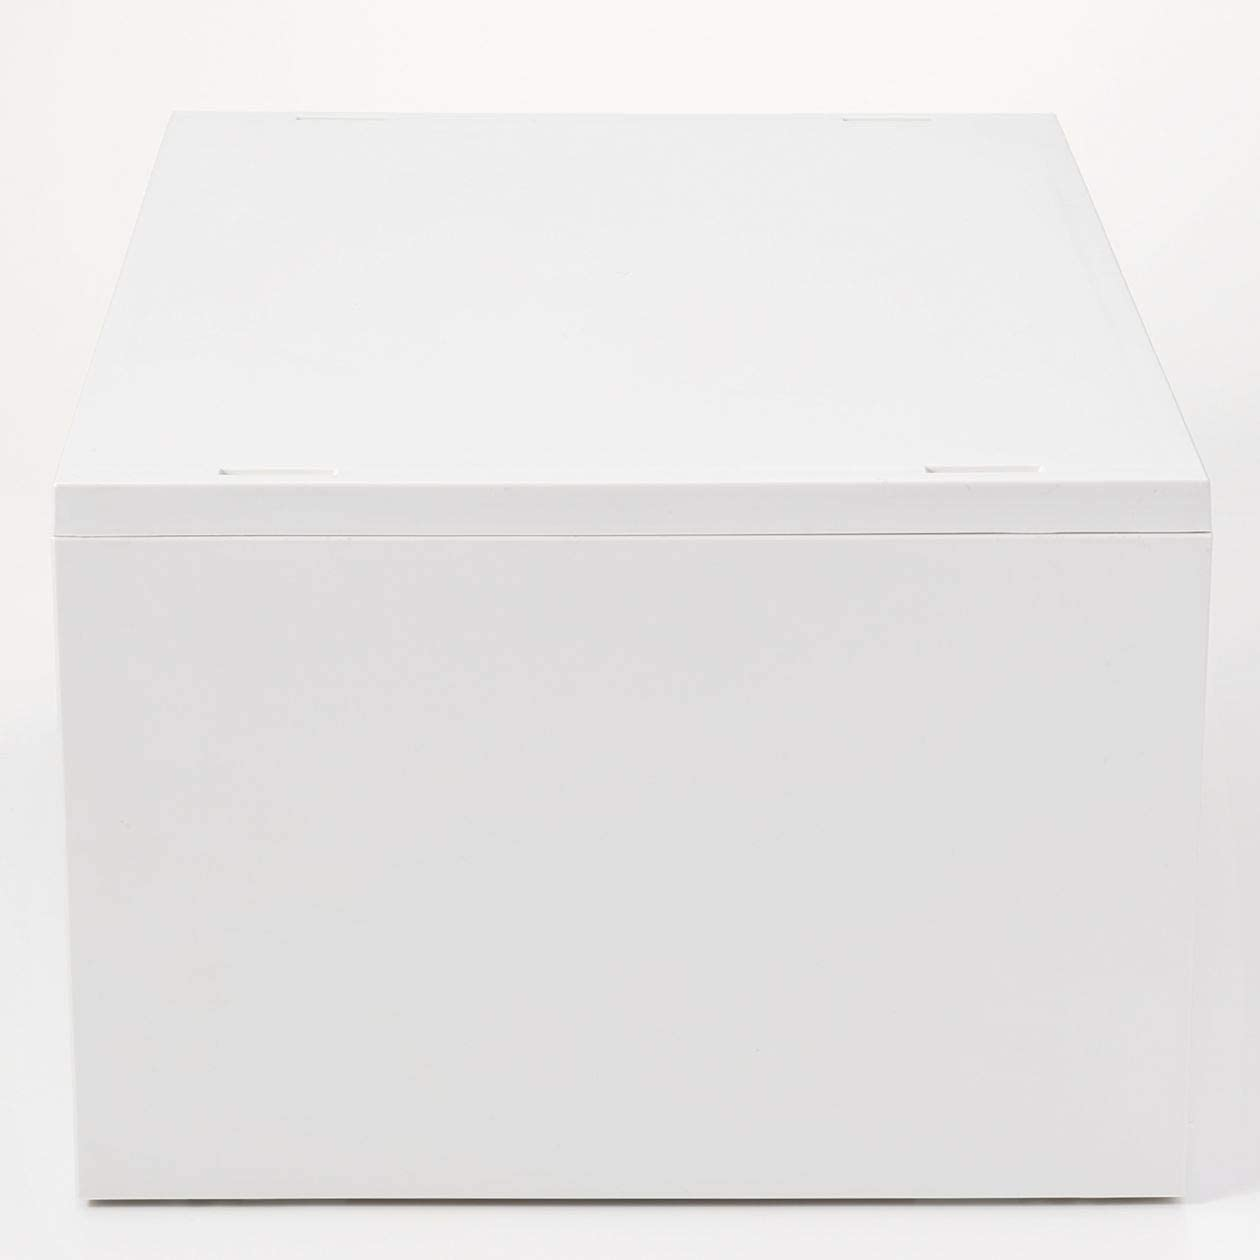 Muji Estuche De Almacenamiento De Polipropileno Extra Ancho, 37 cm Ancho x 26 cm Profundidad x 9 cm Altura, Blanco / Gris: Amazon.es: Hogar